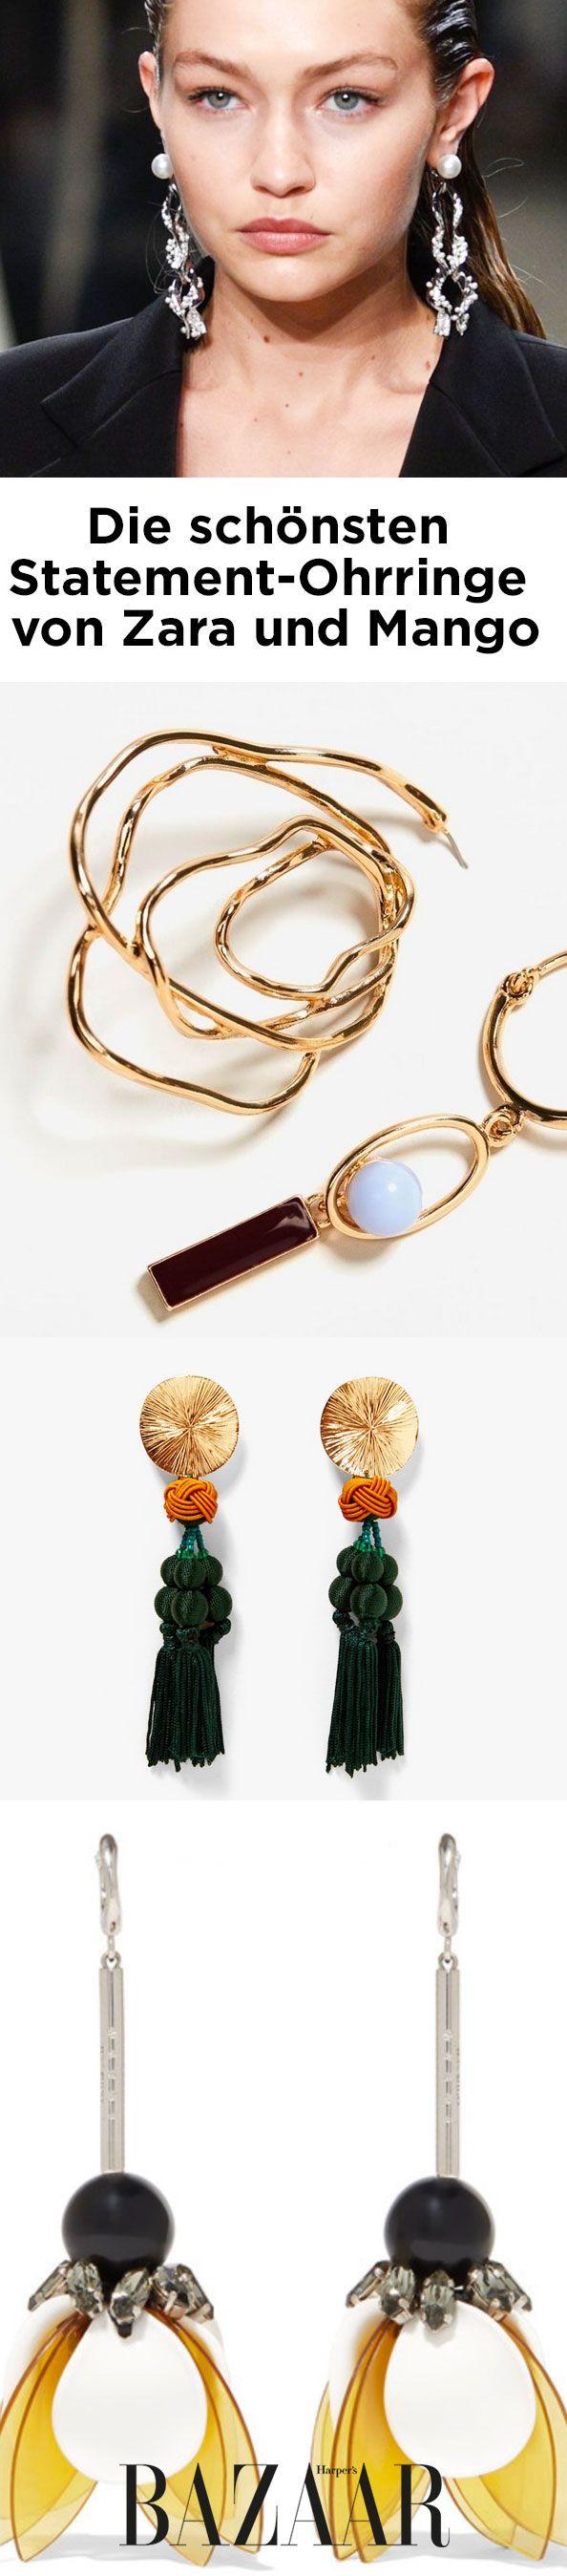 Trend Statement-Ohrringe: Harper's Bazaar zeigt die schönsten Modelle von Mango, Zara und Co. für den Herbst